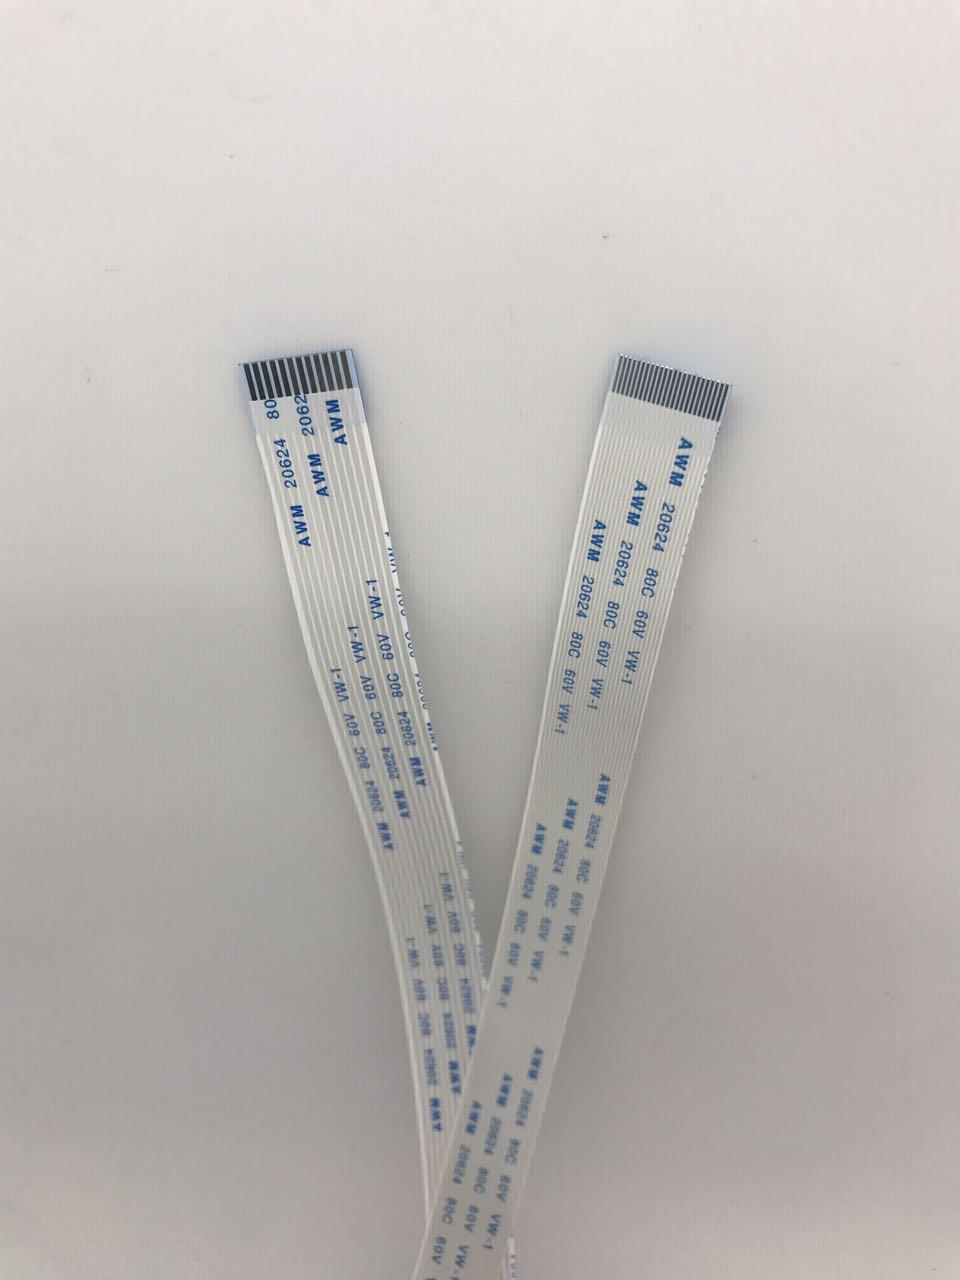 50 cm 10 set 932 933 932XL 933XL Câble de tête D'impression pour HP 6060 6060e 6100 6100e 6600 6700 7110 7600 7610 7612 Tête D'impression